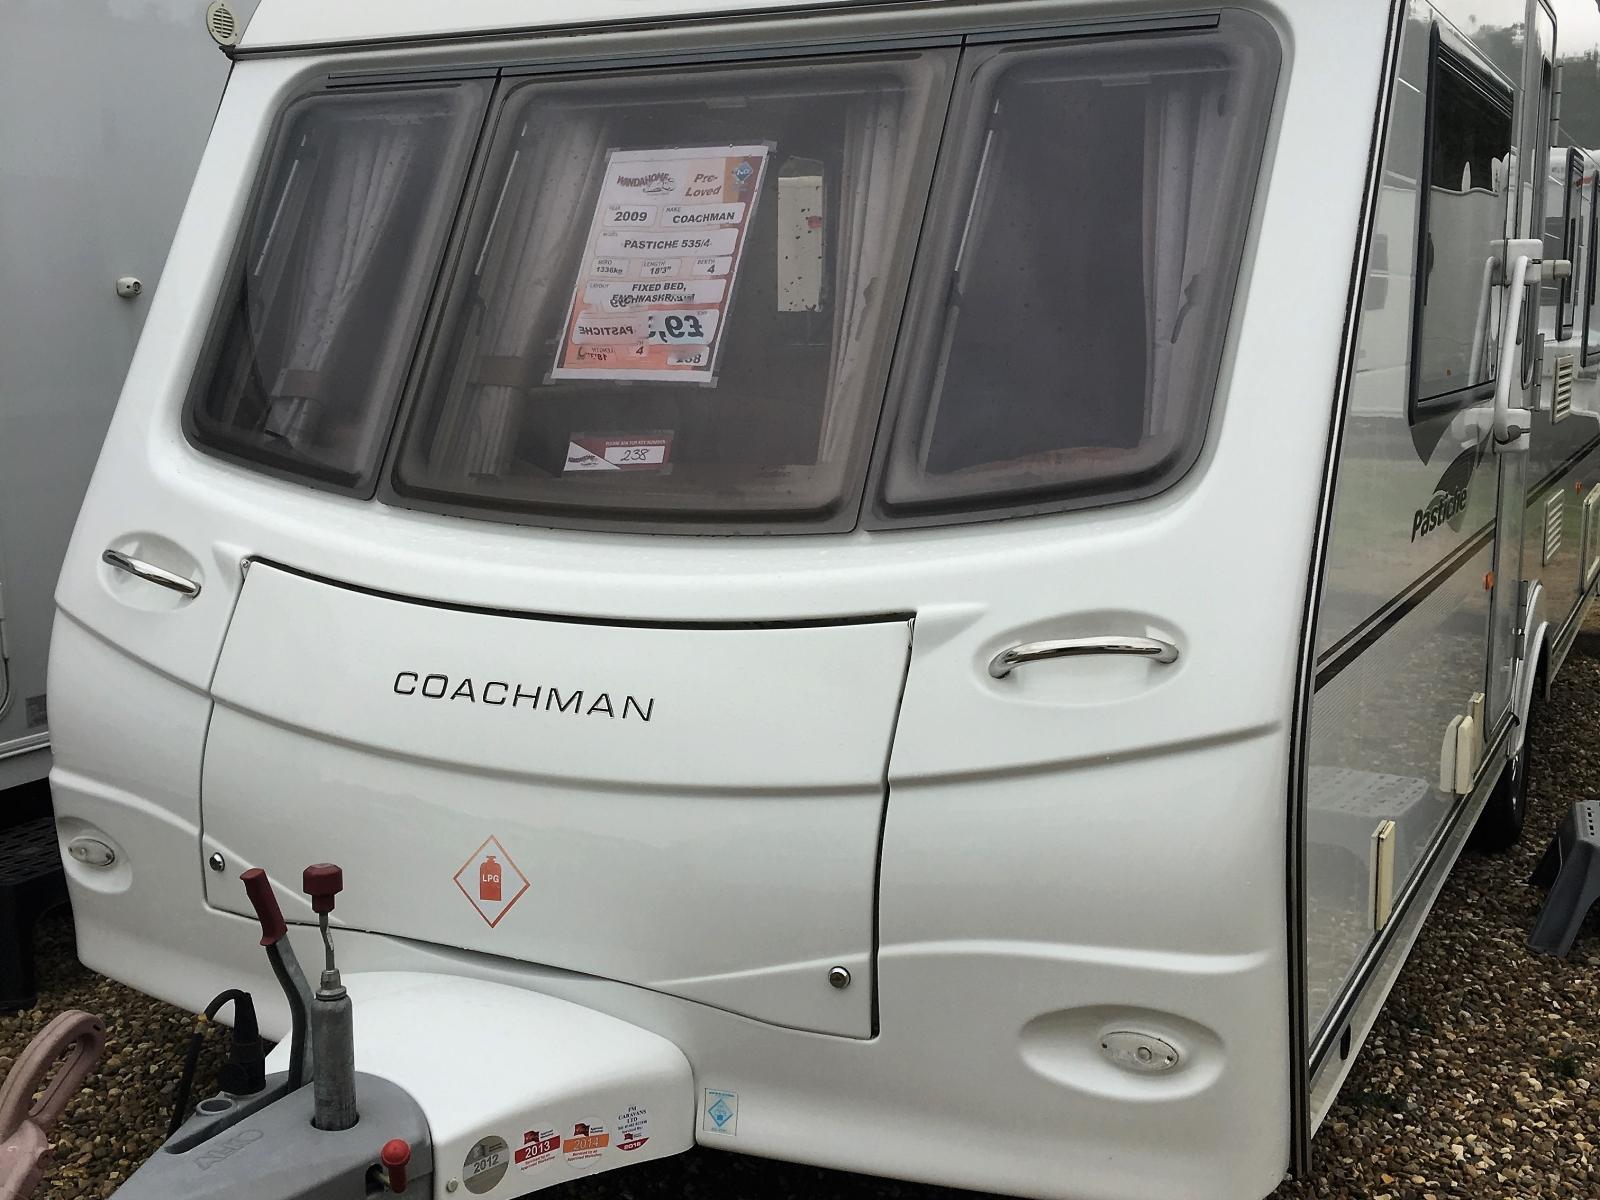 Coachman Pastiche 535/4 2009 image